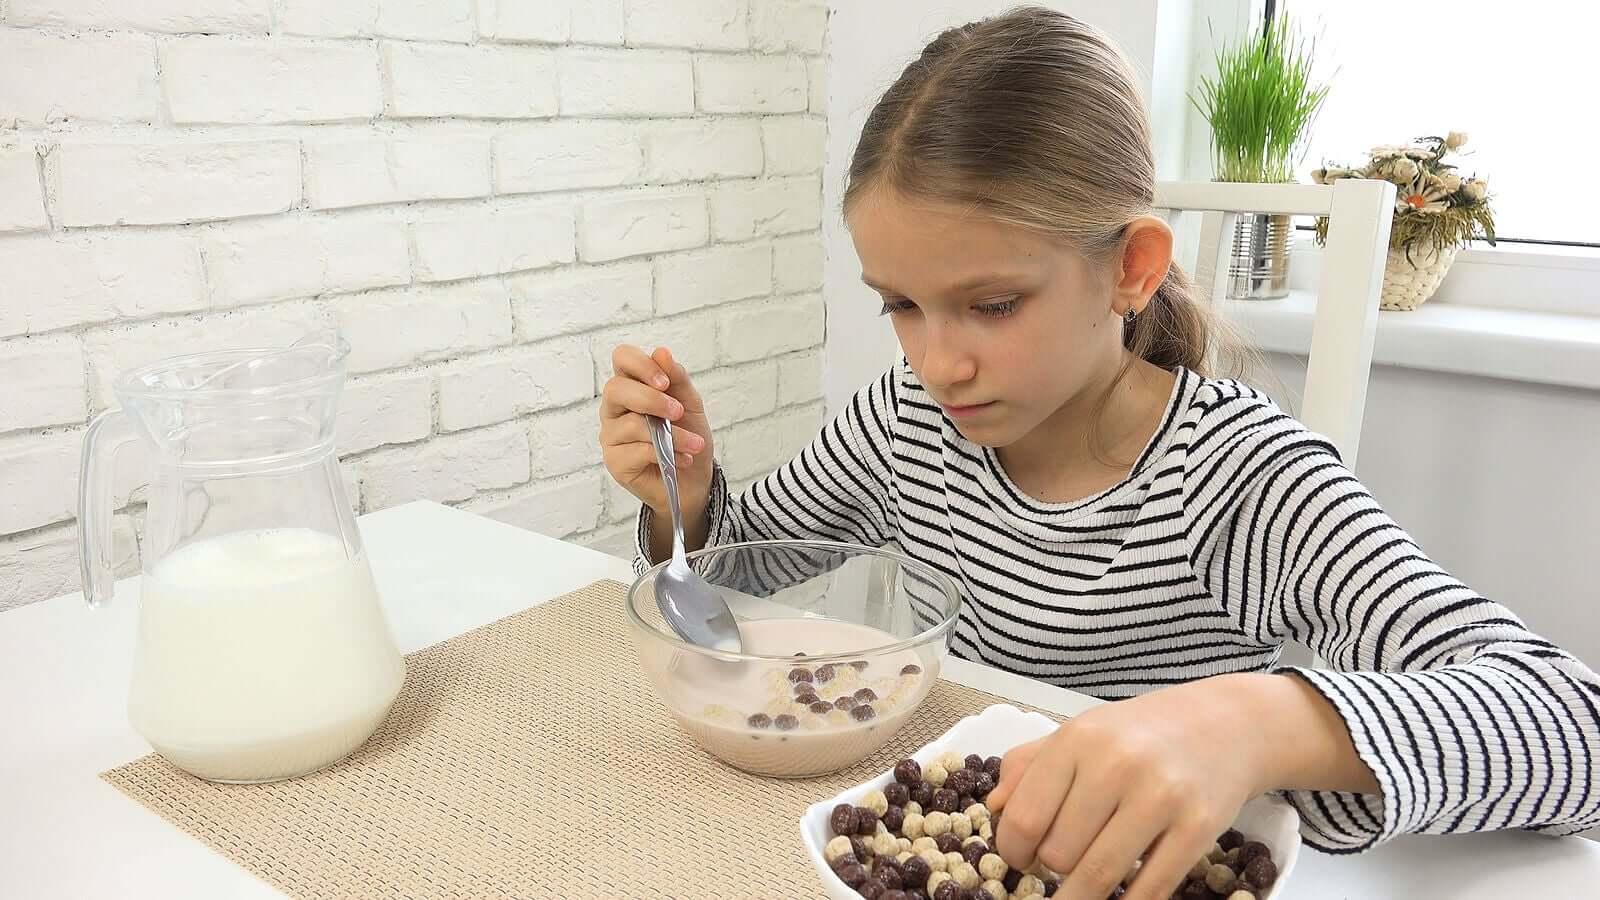 Pular o café da manhã durante a adolescência